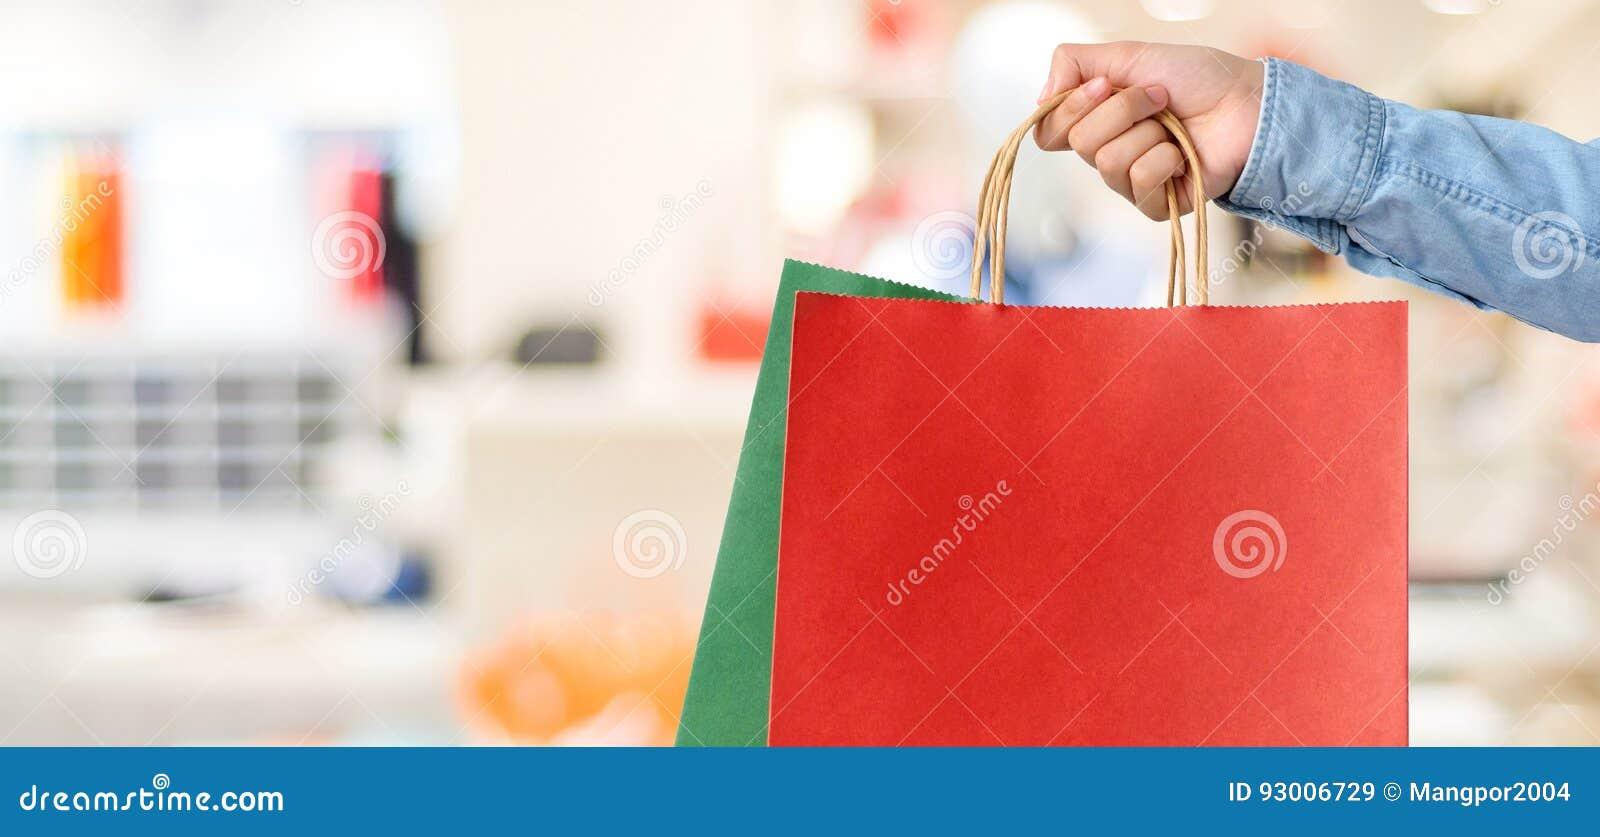 Ręki mienia czerwony torba na zakupy na plama sklepu tle, sztandar w